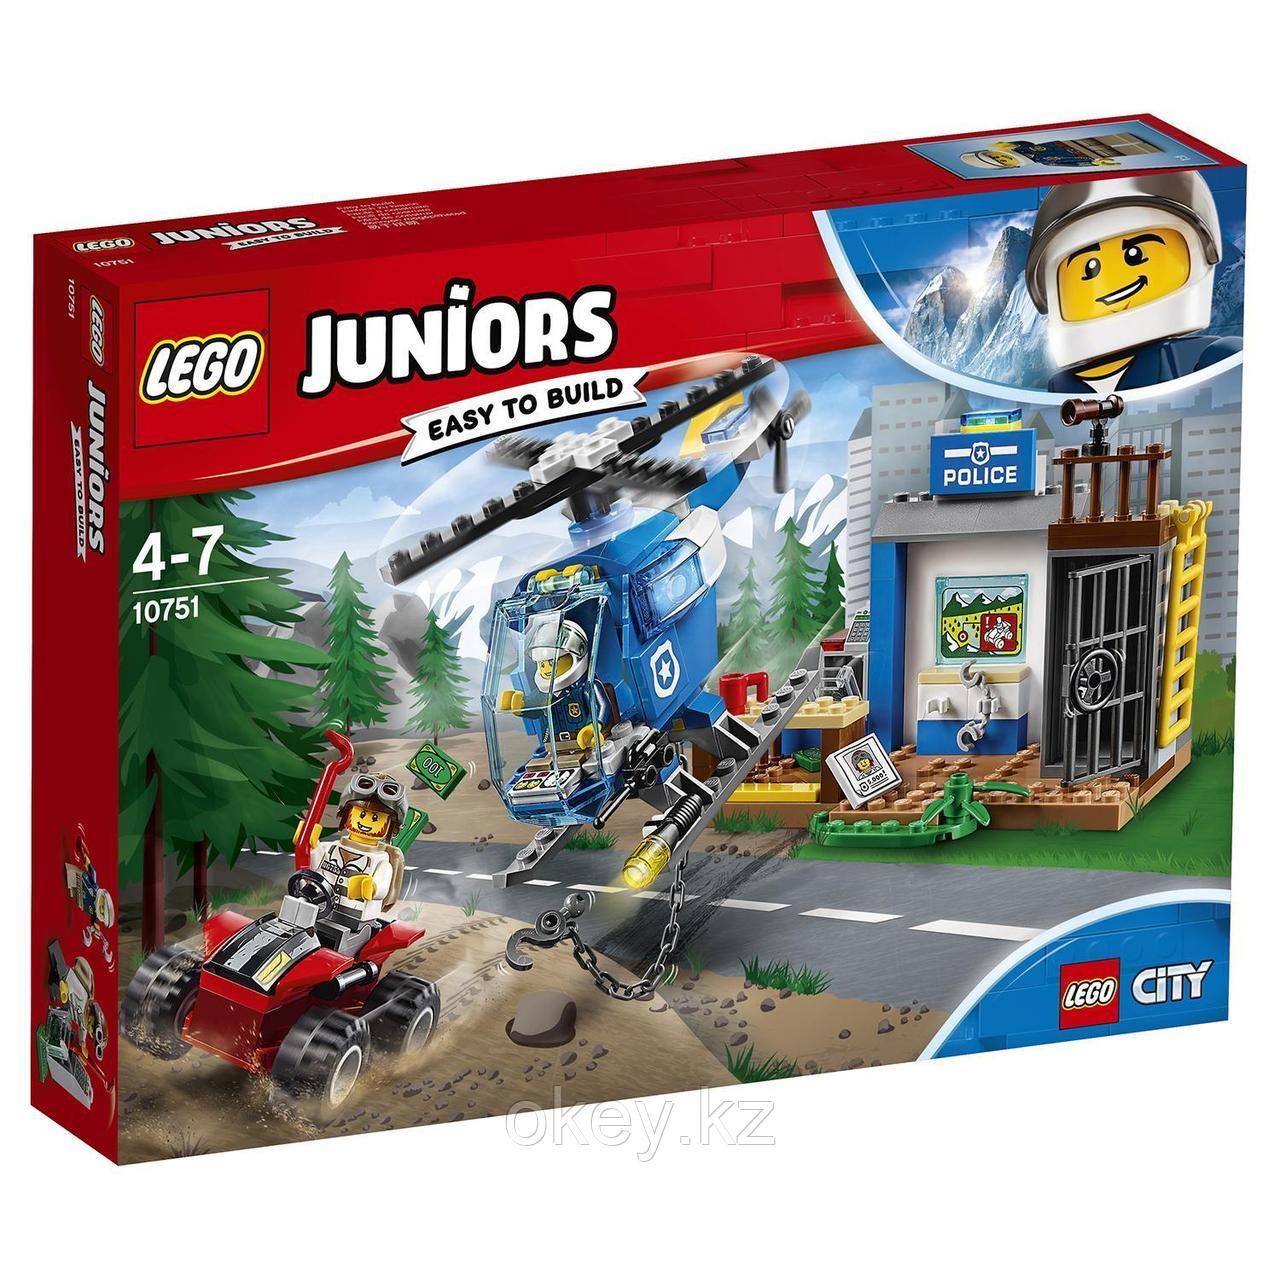 LEGO Juniors: Погоня горной полиции 10751